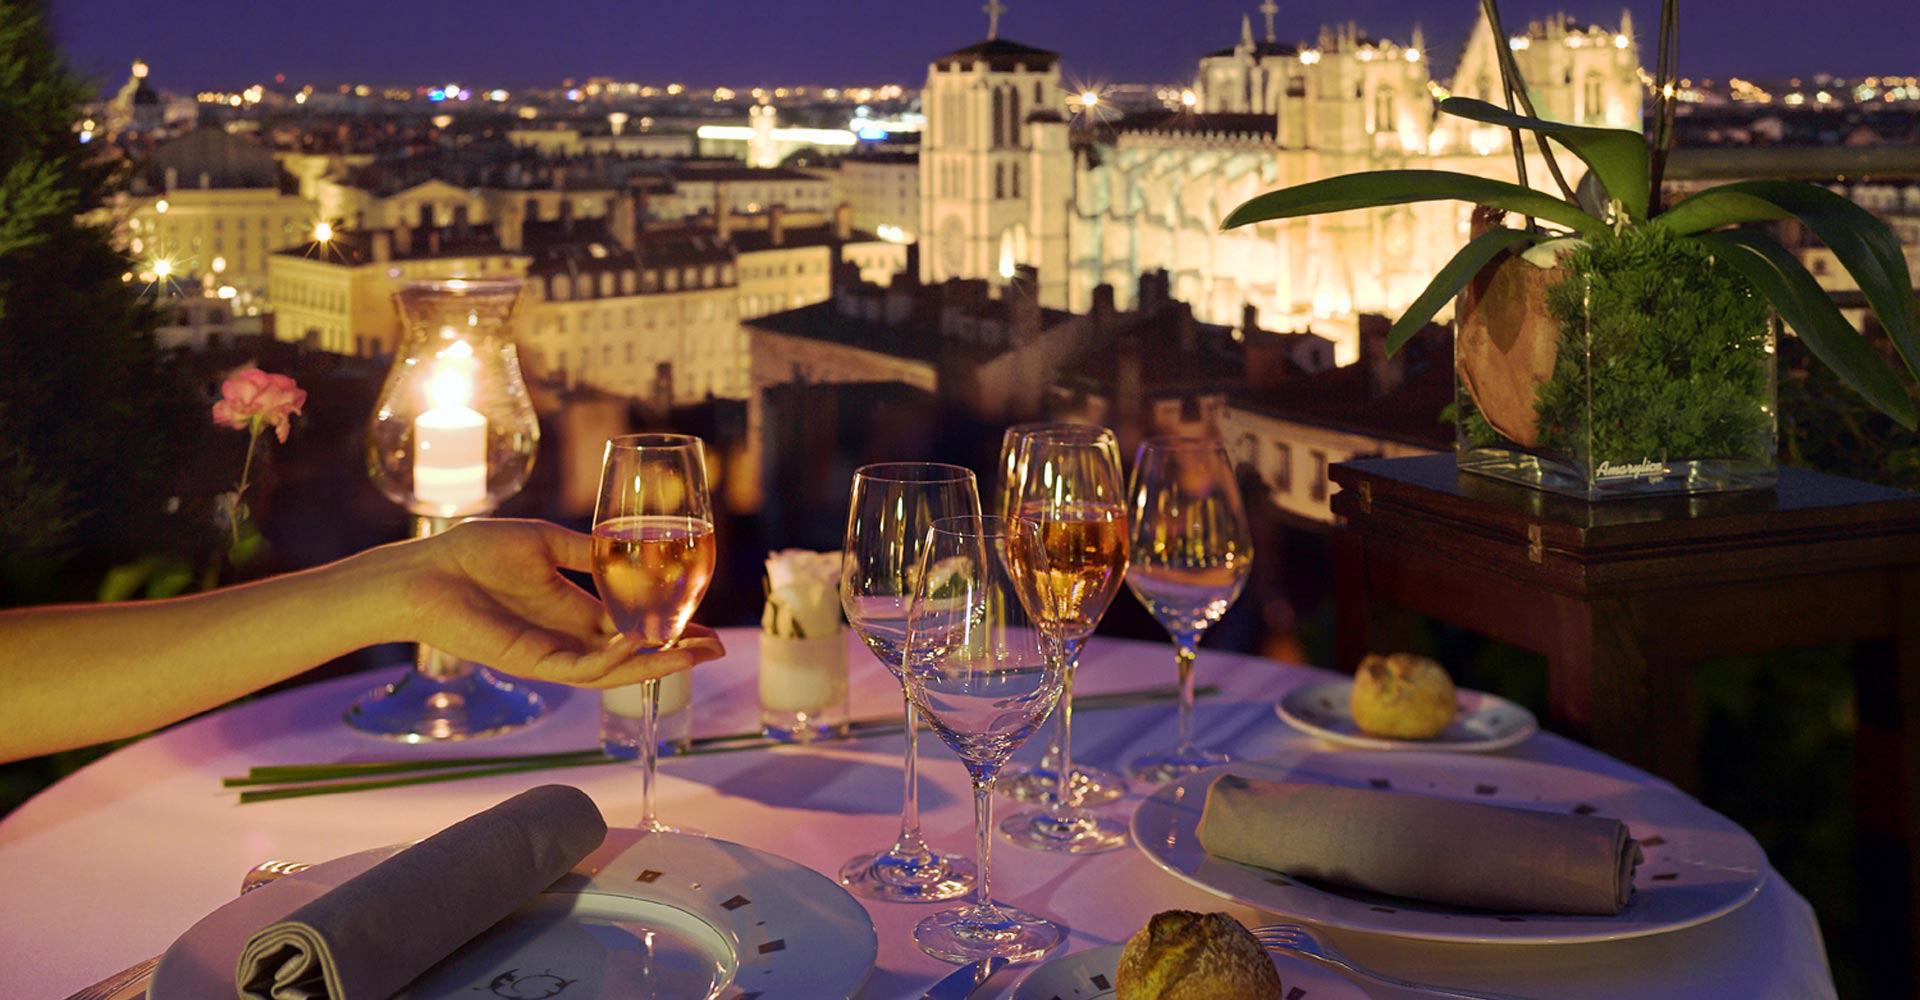 Restaurant Hotel De Fourviere Lyon